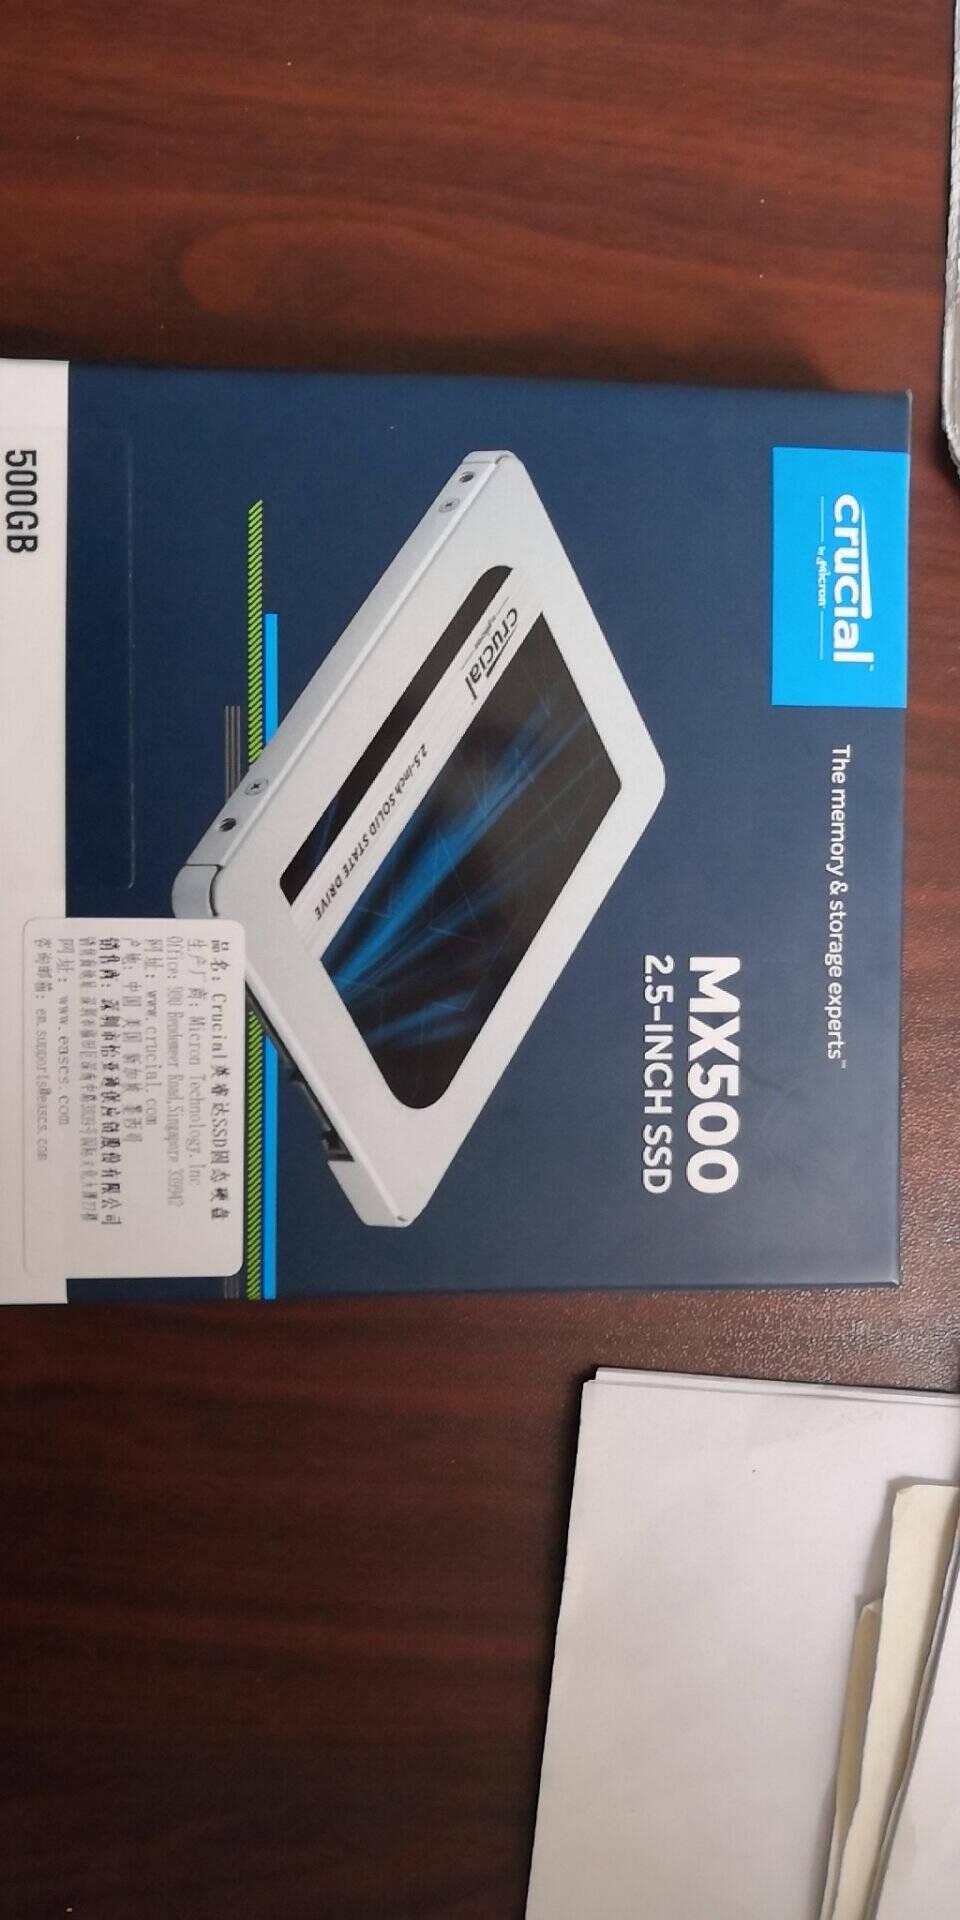 英睿达(Crucial)500GSSD固态硬盘SATA3.0接口MX500系列/Micron原厂出品-必属精品